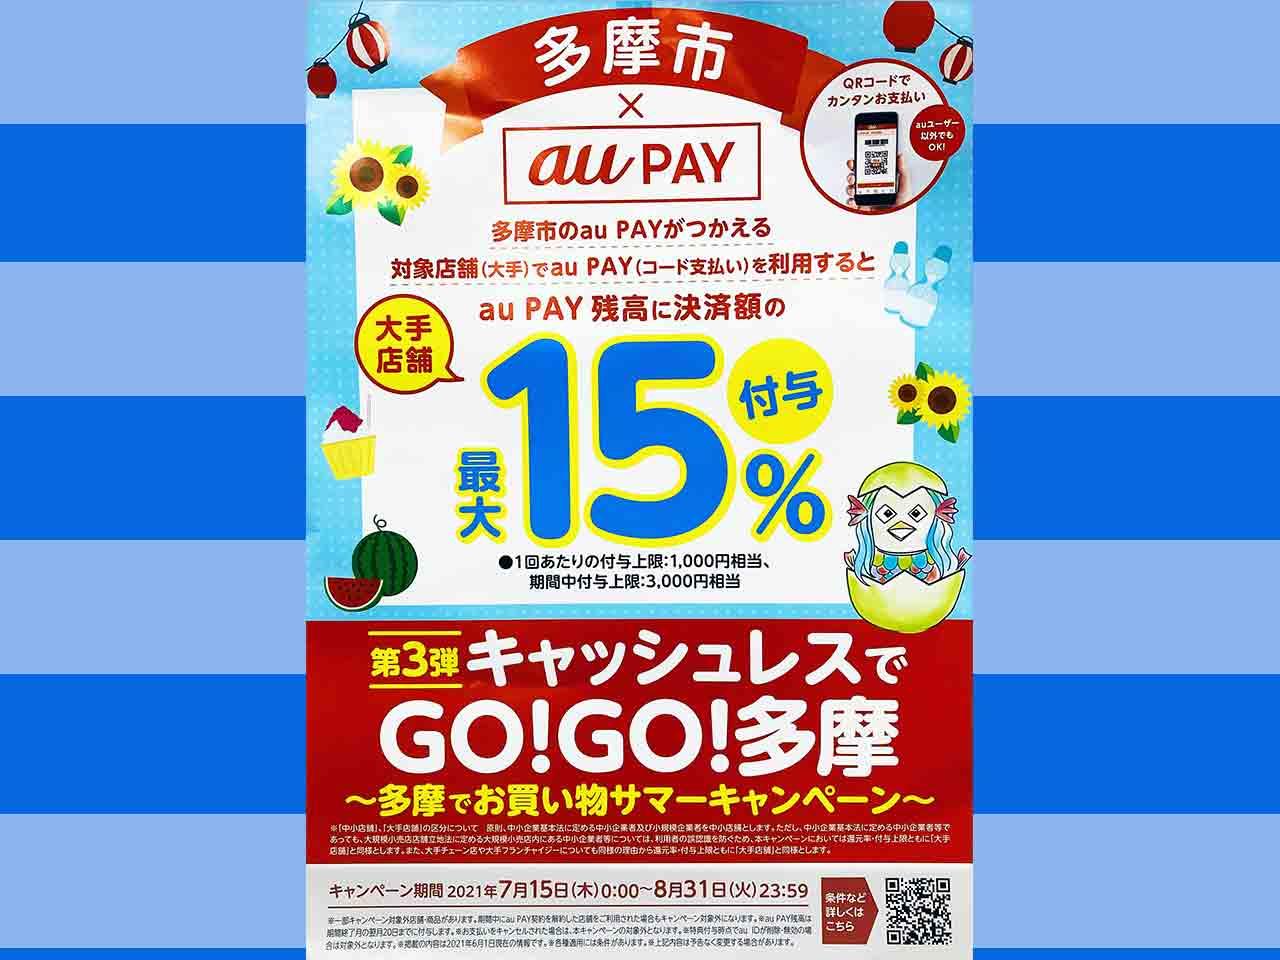 いよいよ7月15日から!「キャッシュレスでGO!GO!多摩」第3弾が始まります!